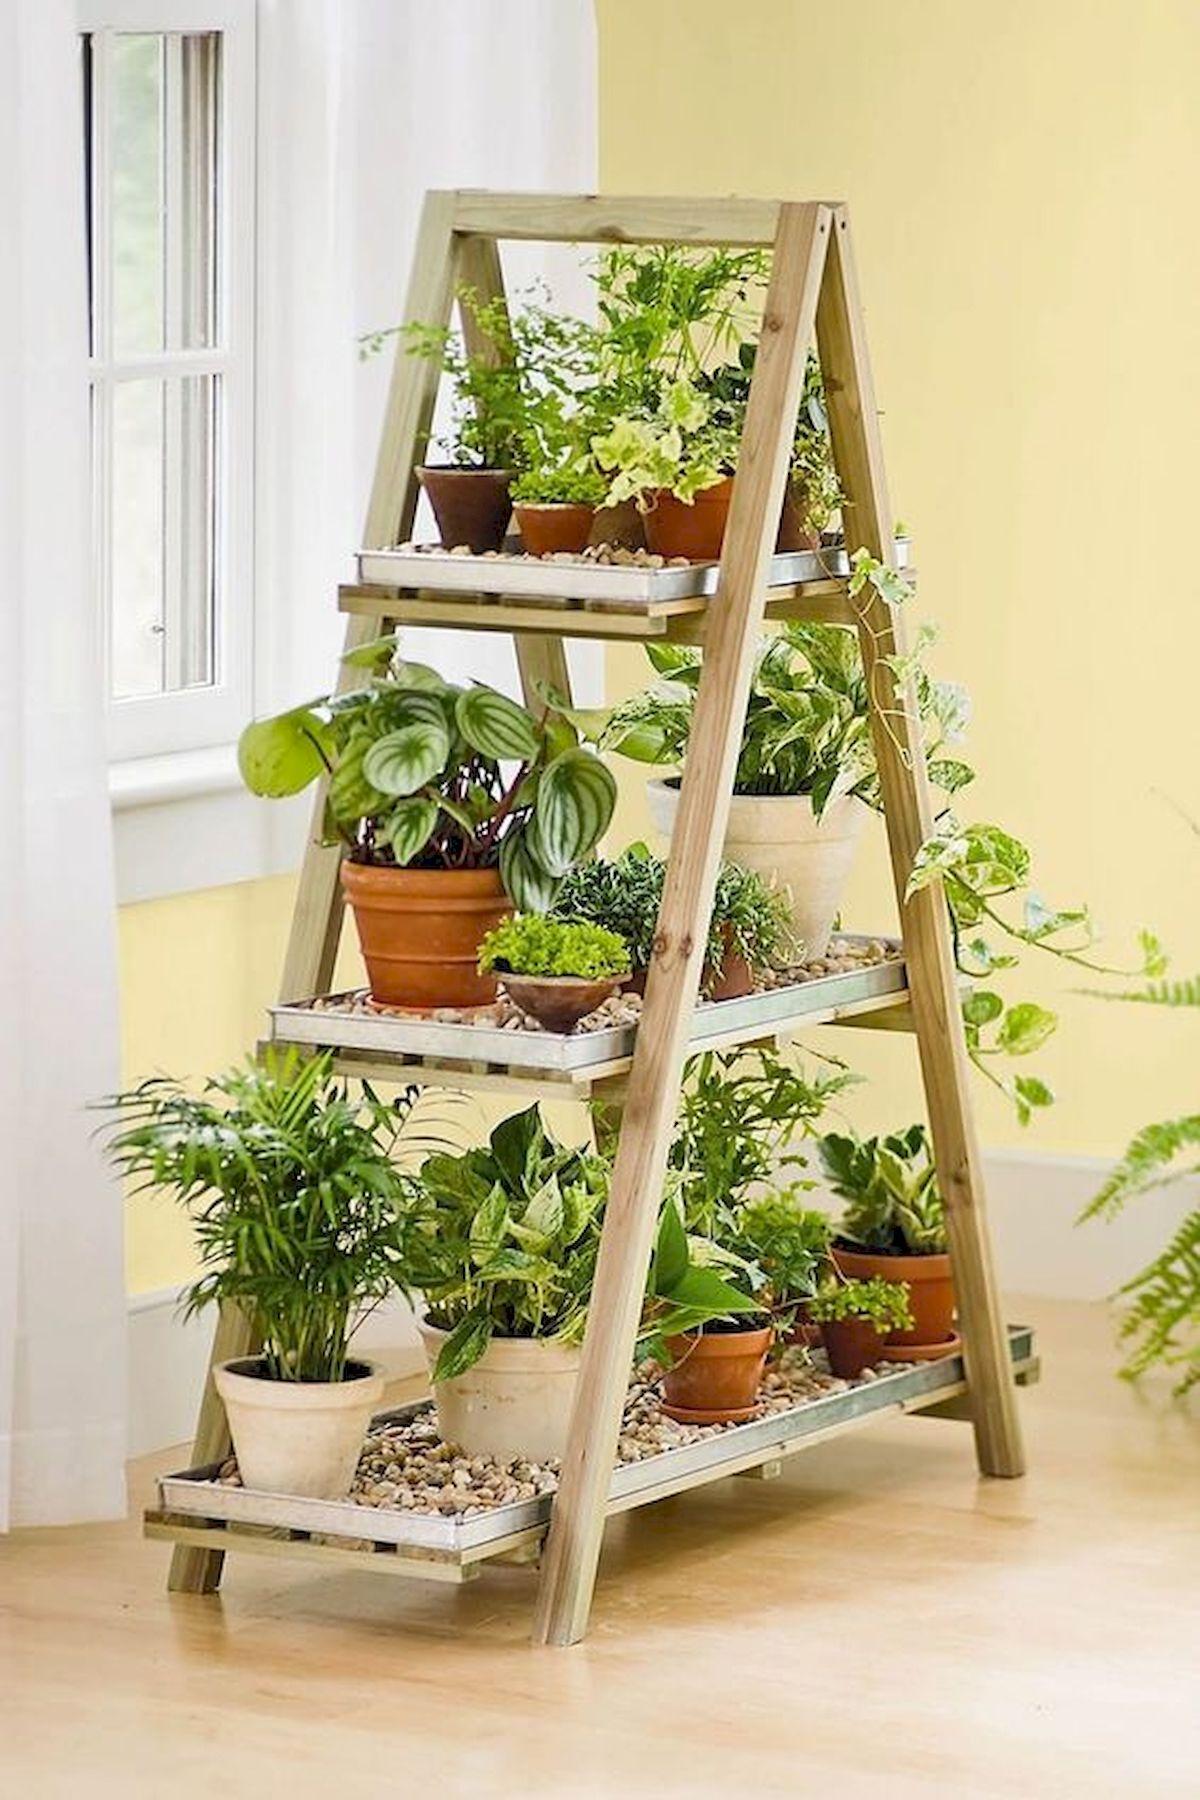 44 Creative DIY Vertical Garden Ideas To Make Your Home Beautiful (38)